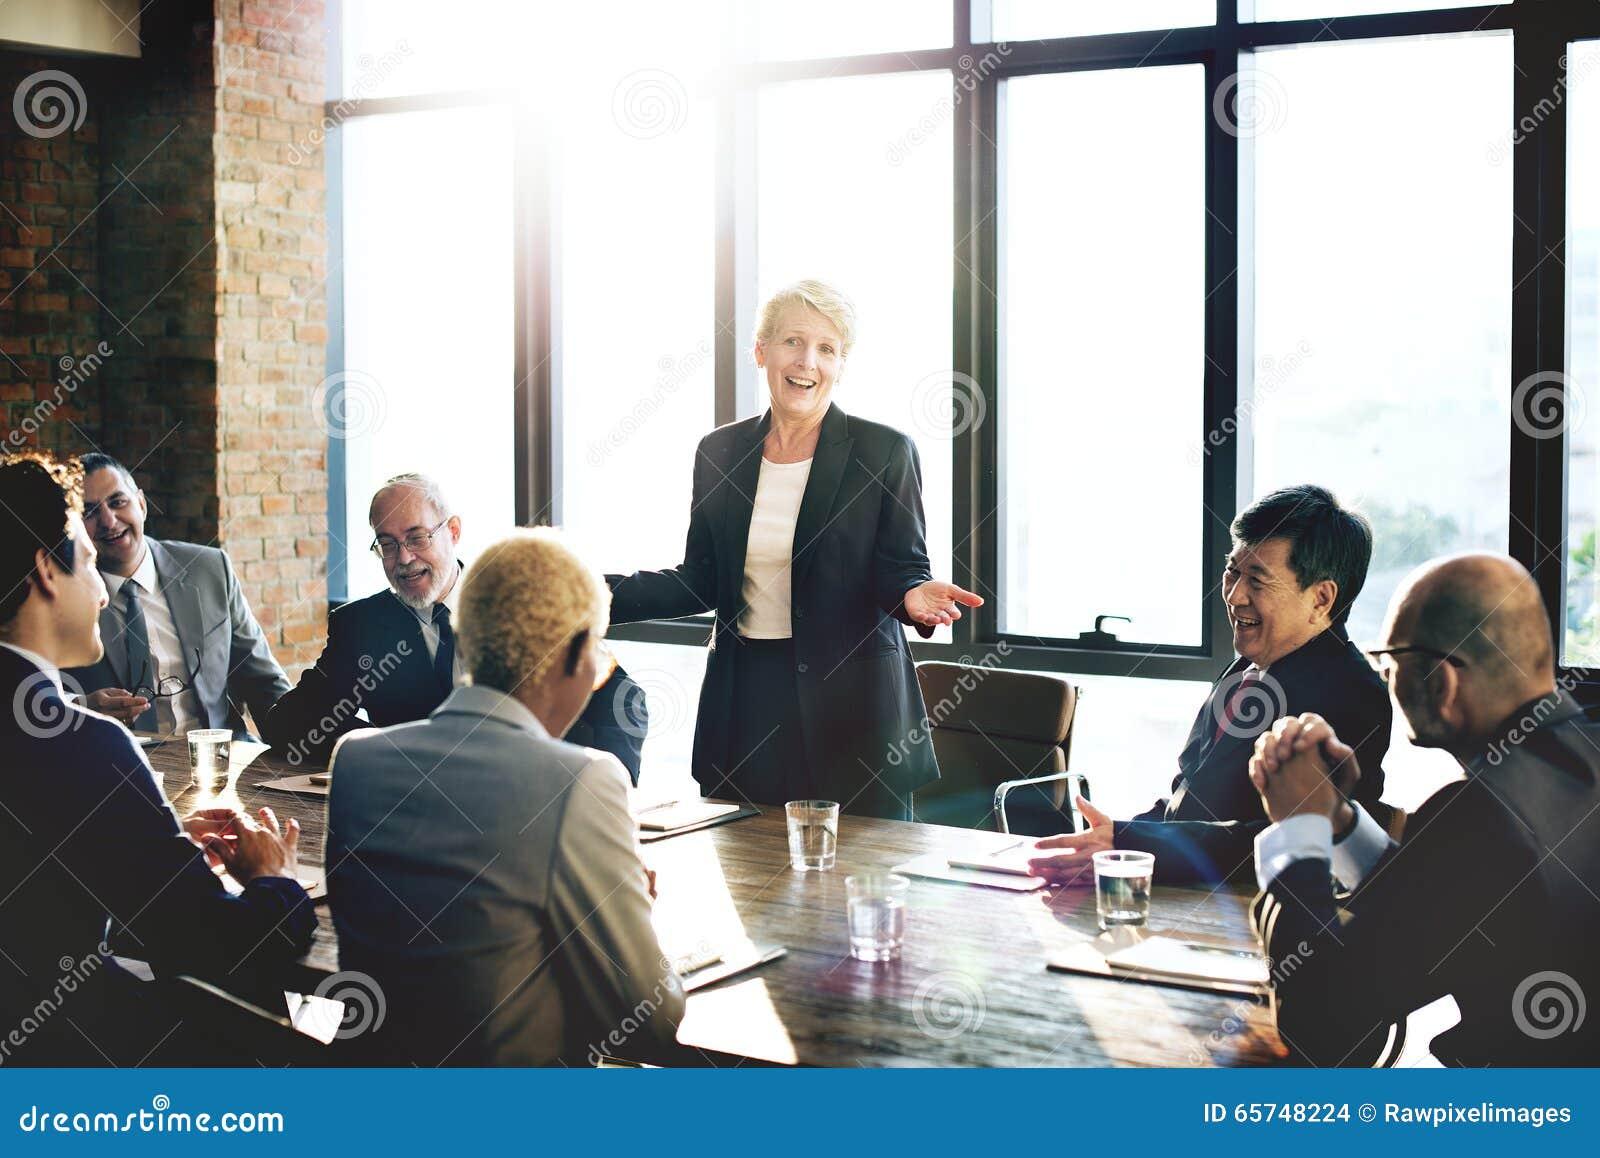 Offres d emploi chez elite, rencontre, eliteRencontre Travailler pour un site de rencontre, cIDJ Stratgies en milieu de travail sur la sant mentale - Identifier les